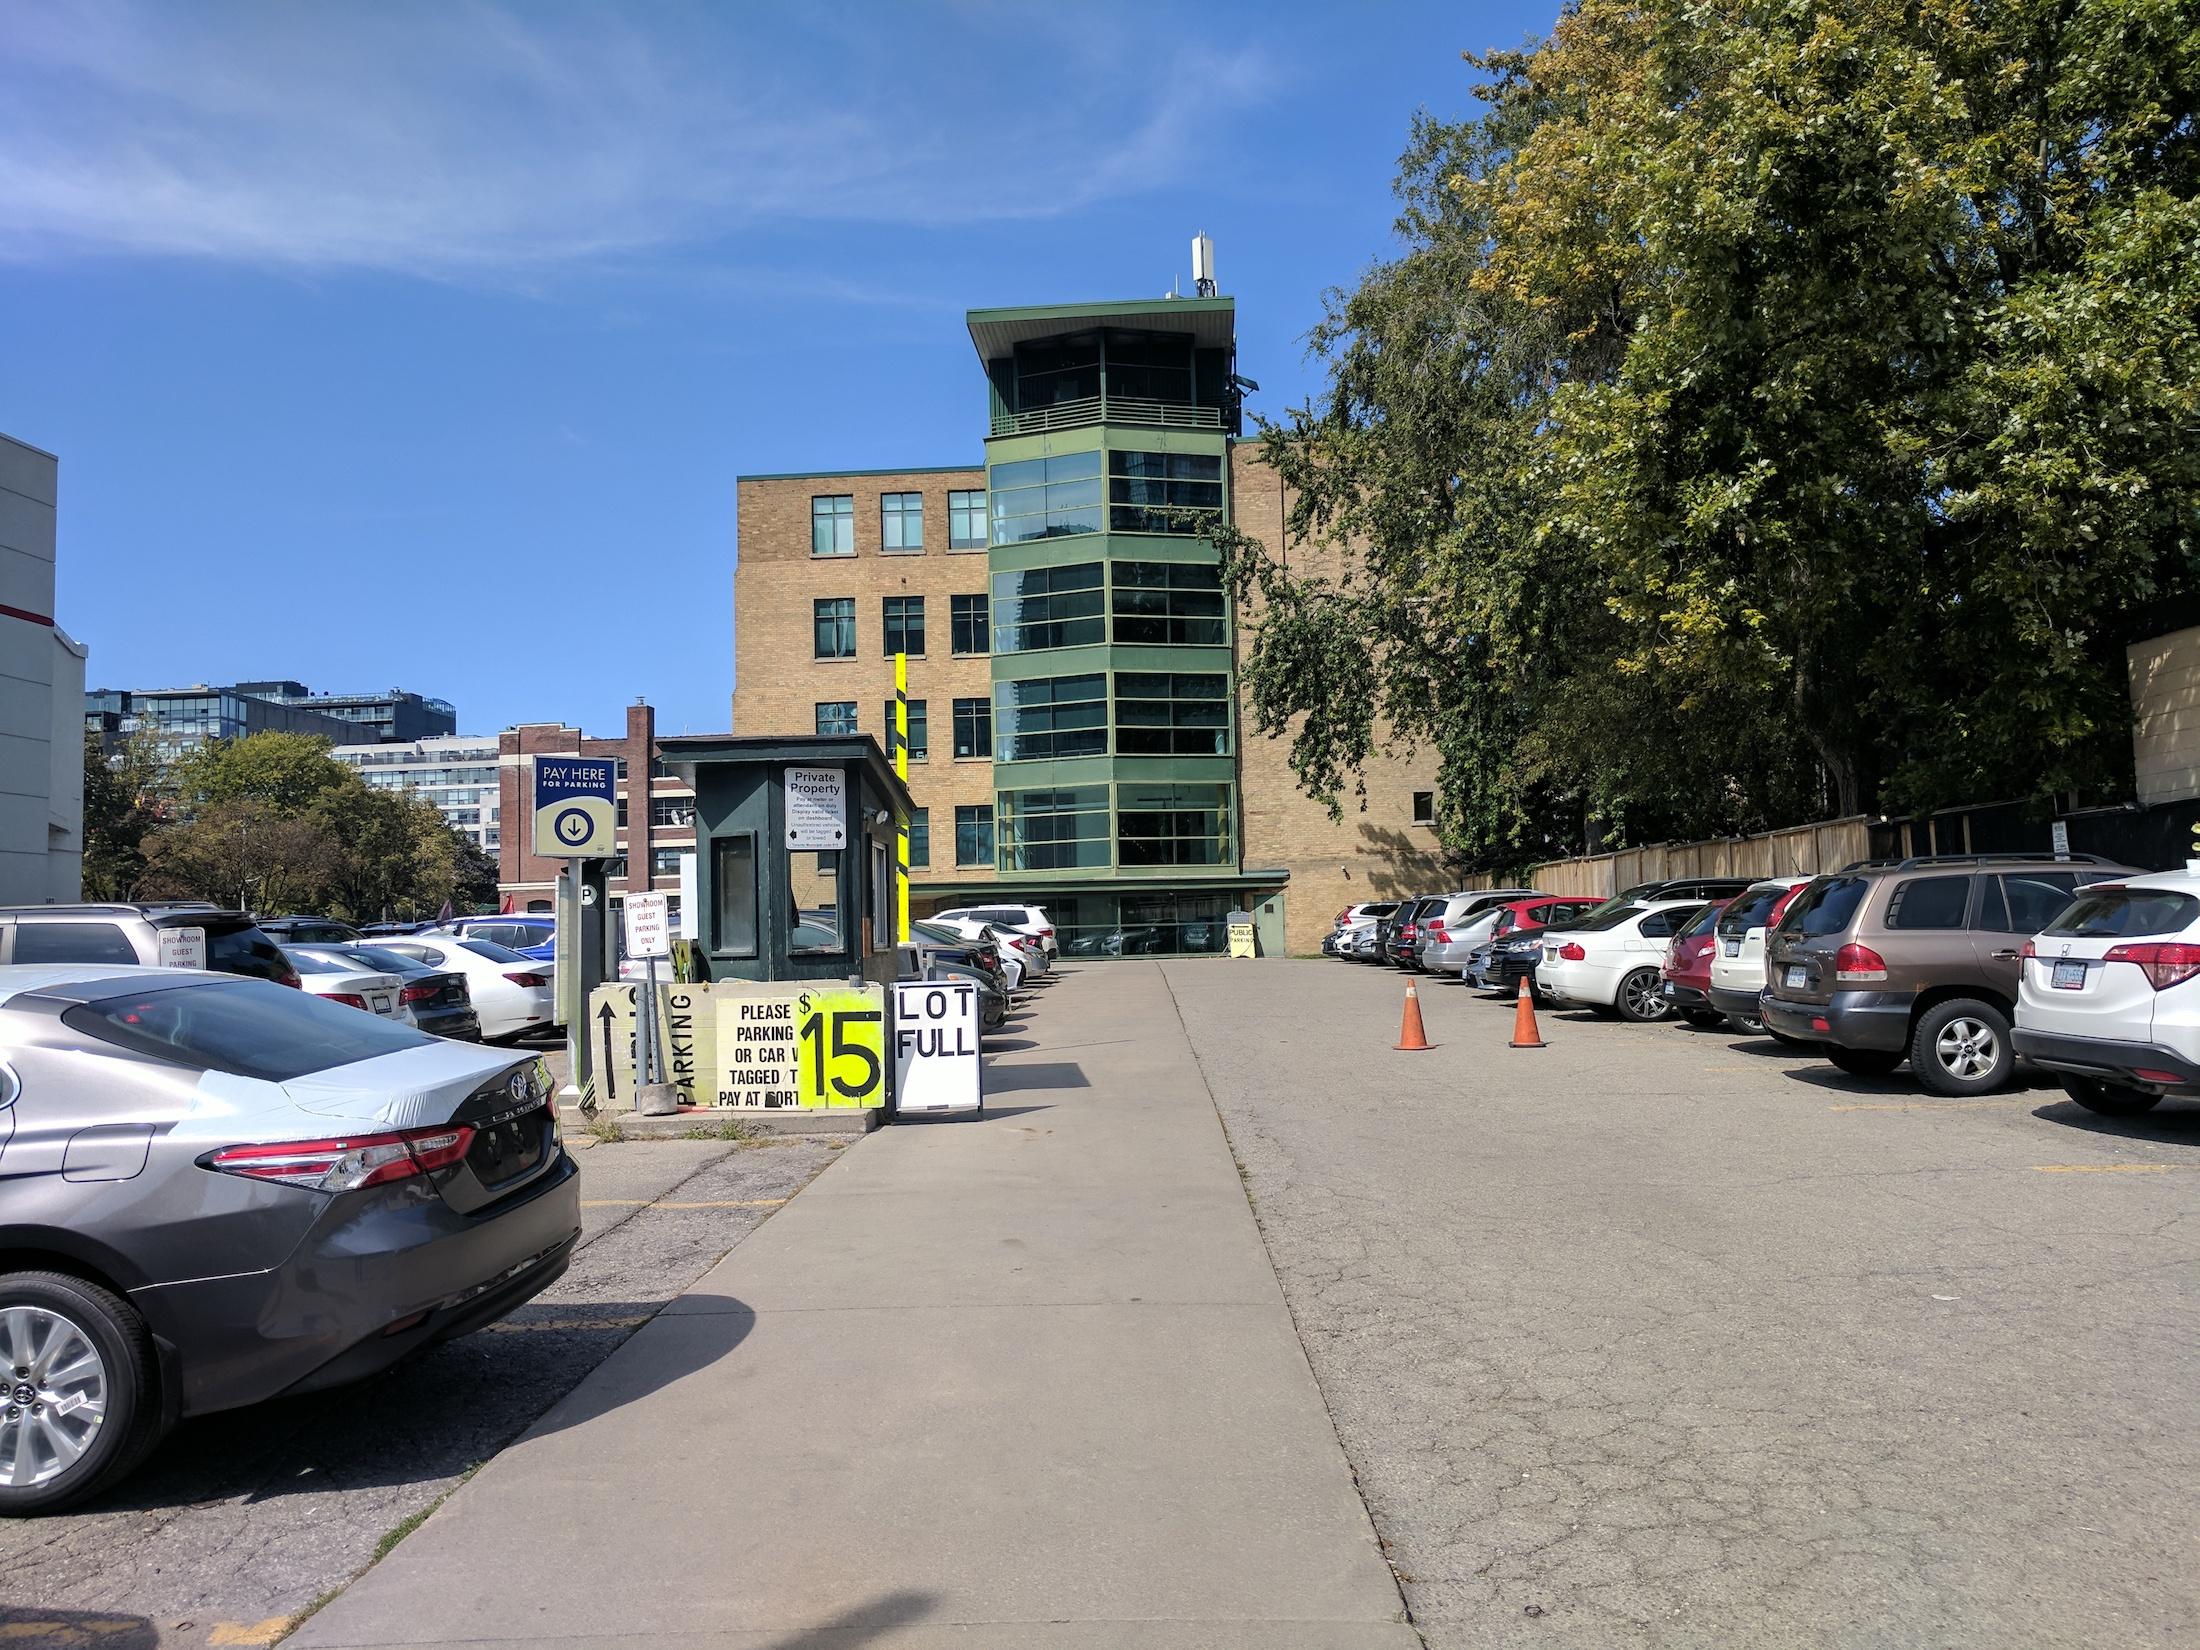 Portland Centre  2017-09-11  1A.